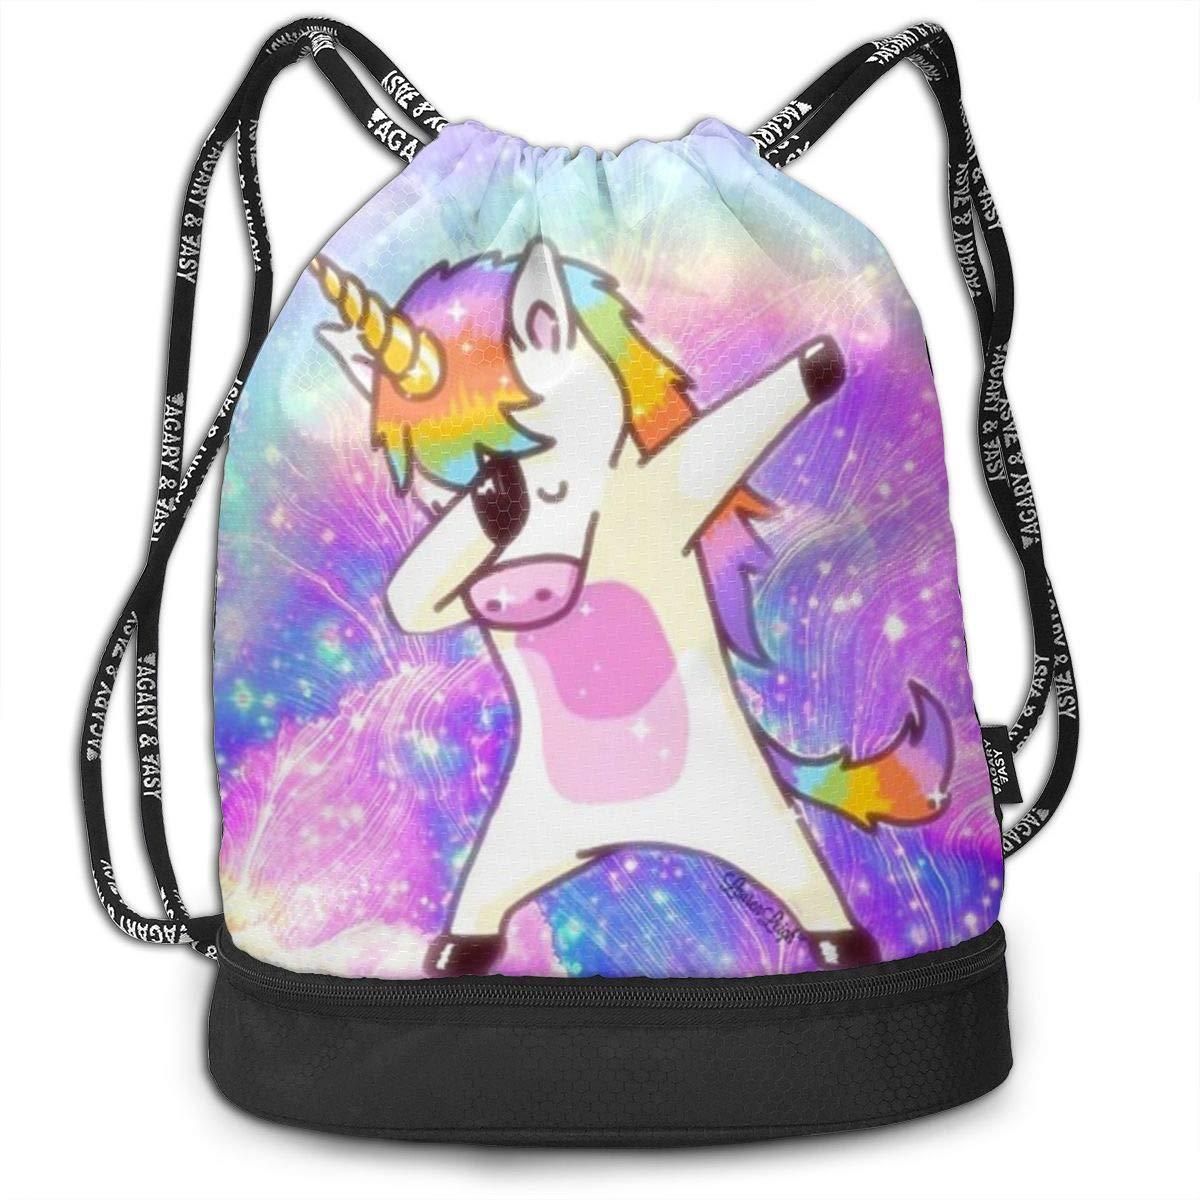 HUOPR5Q Swag Unicorn Drawstring Backpack Sport Gym Sack Shoulder Bulk Bag Dance Bag for School Travel